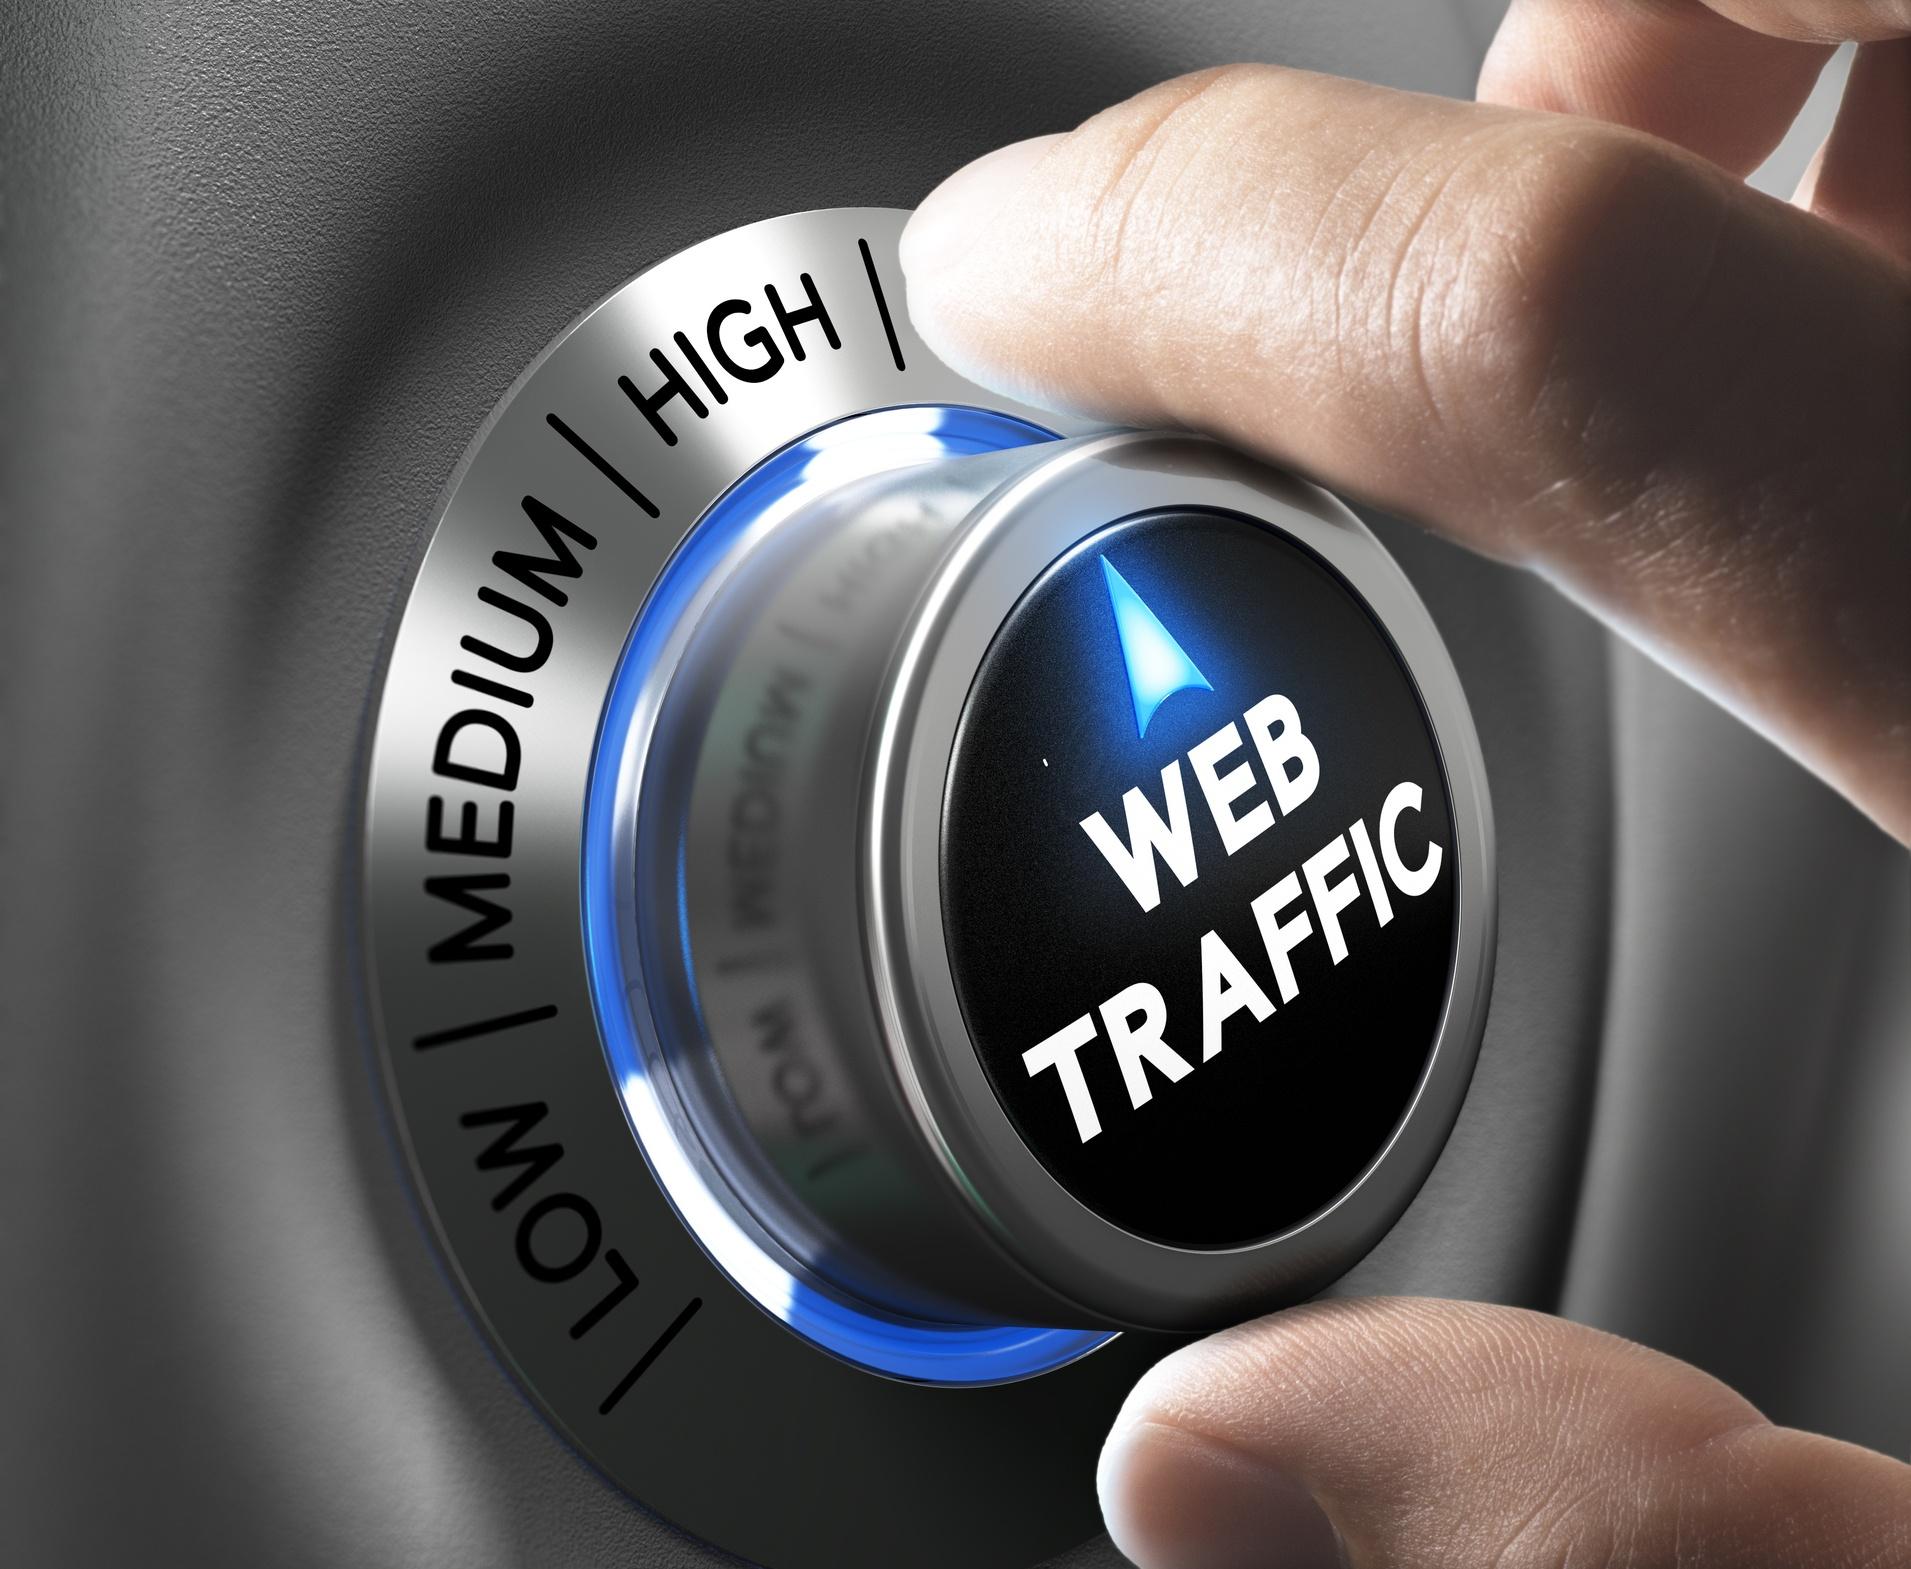 webtraffic.jpg